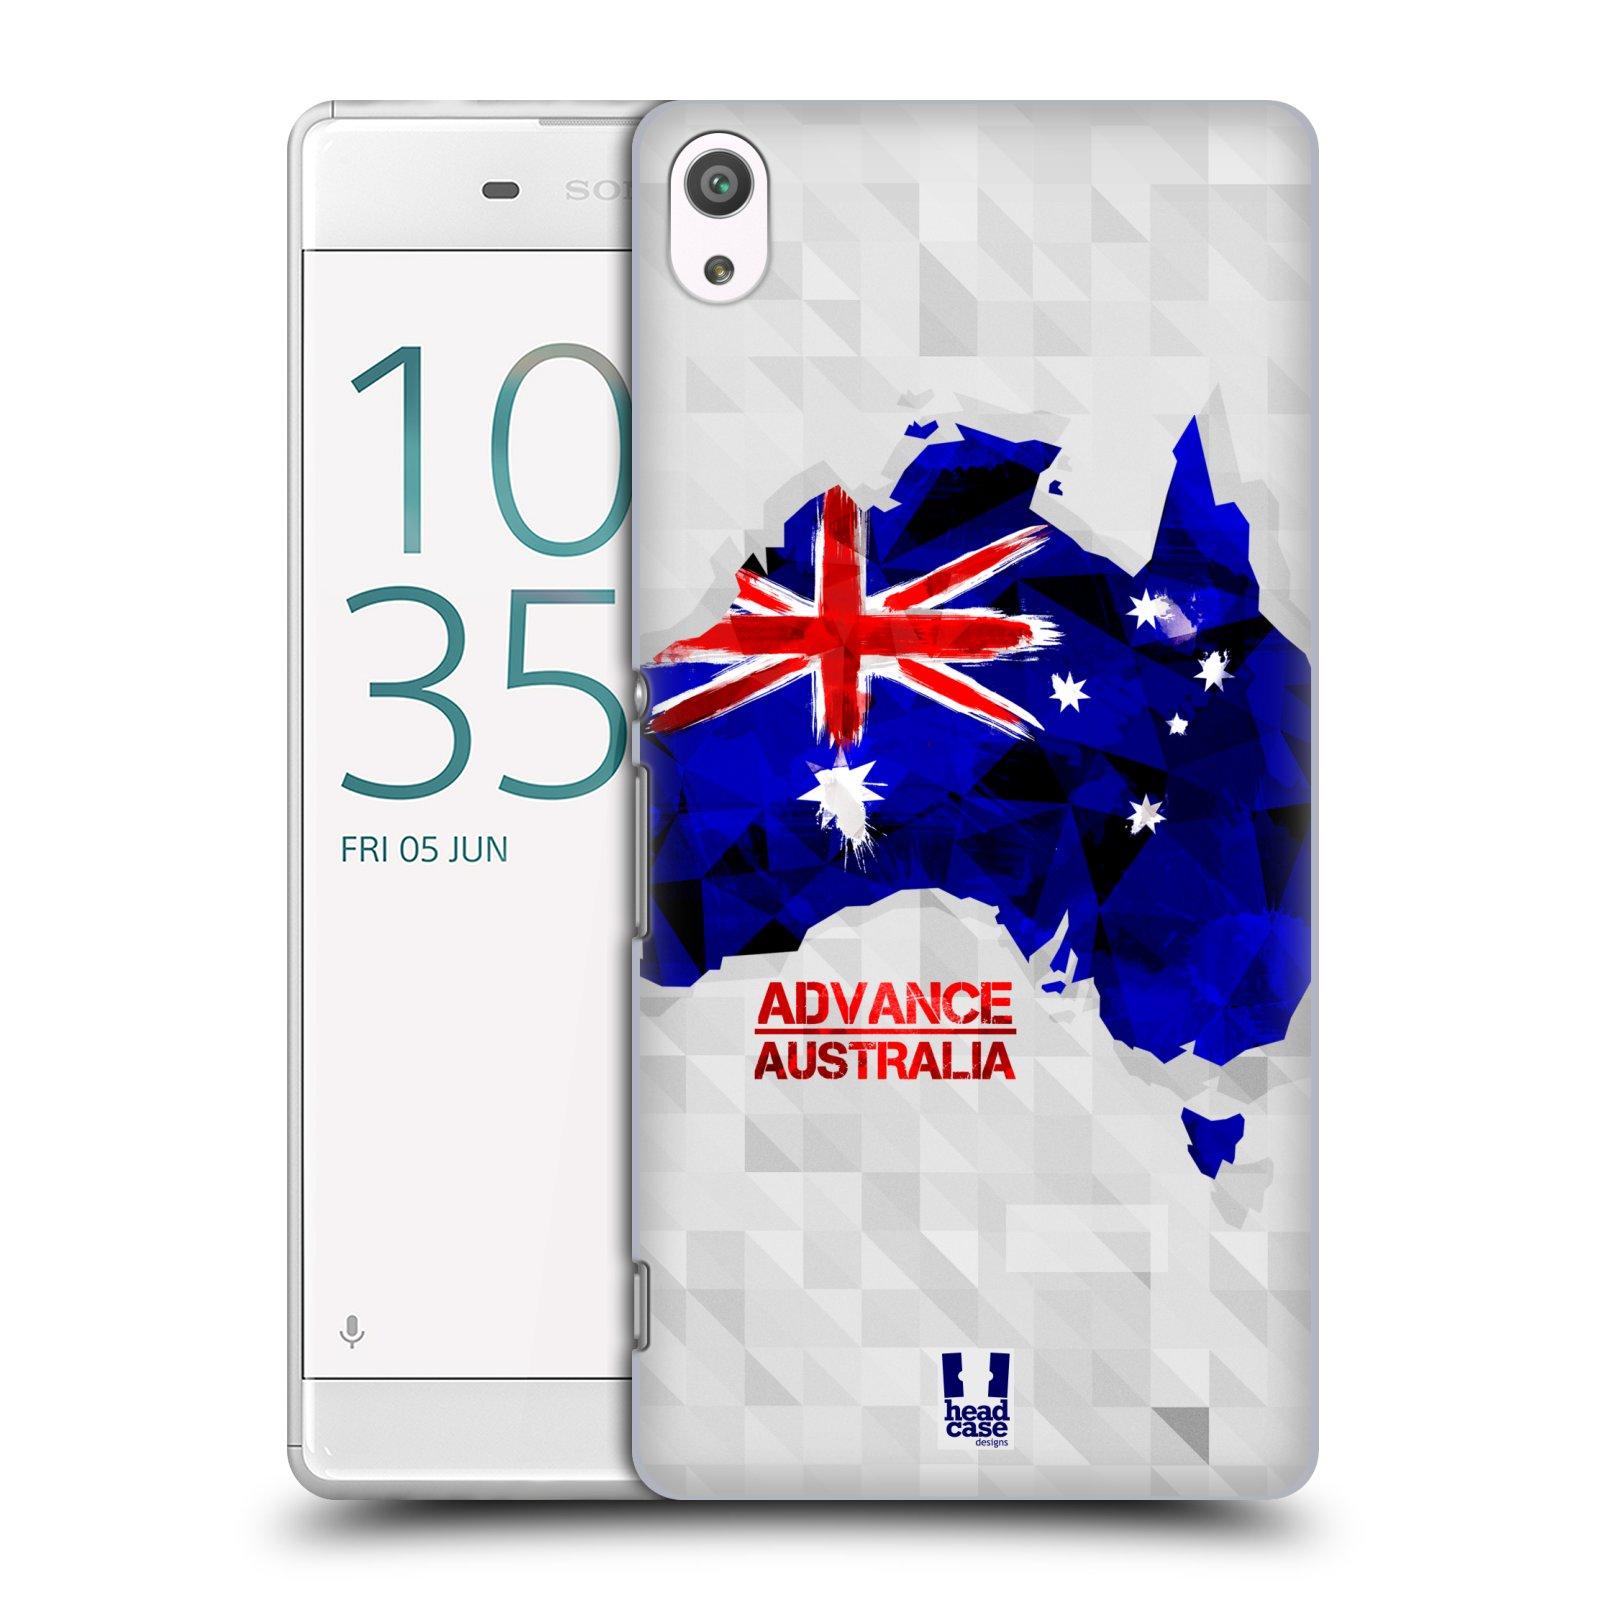 Plastové pouzdro na mobil Sony Xperia XA Ultra HEAD CASE GEOMAPA AUSTRÁLIE (Plastový kryt či obal na mobilní telefon Sony Xperia XA Ultra F3211)